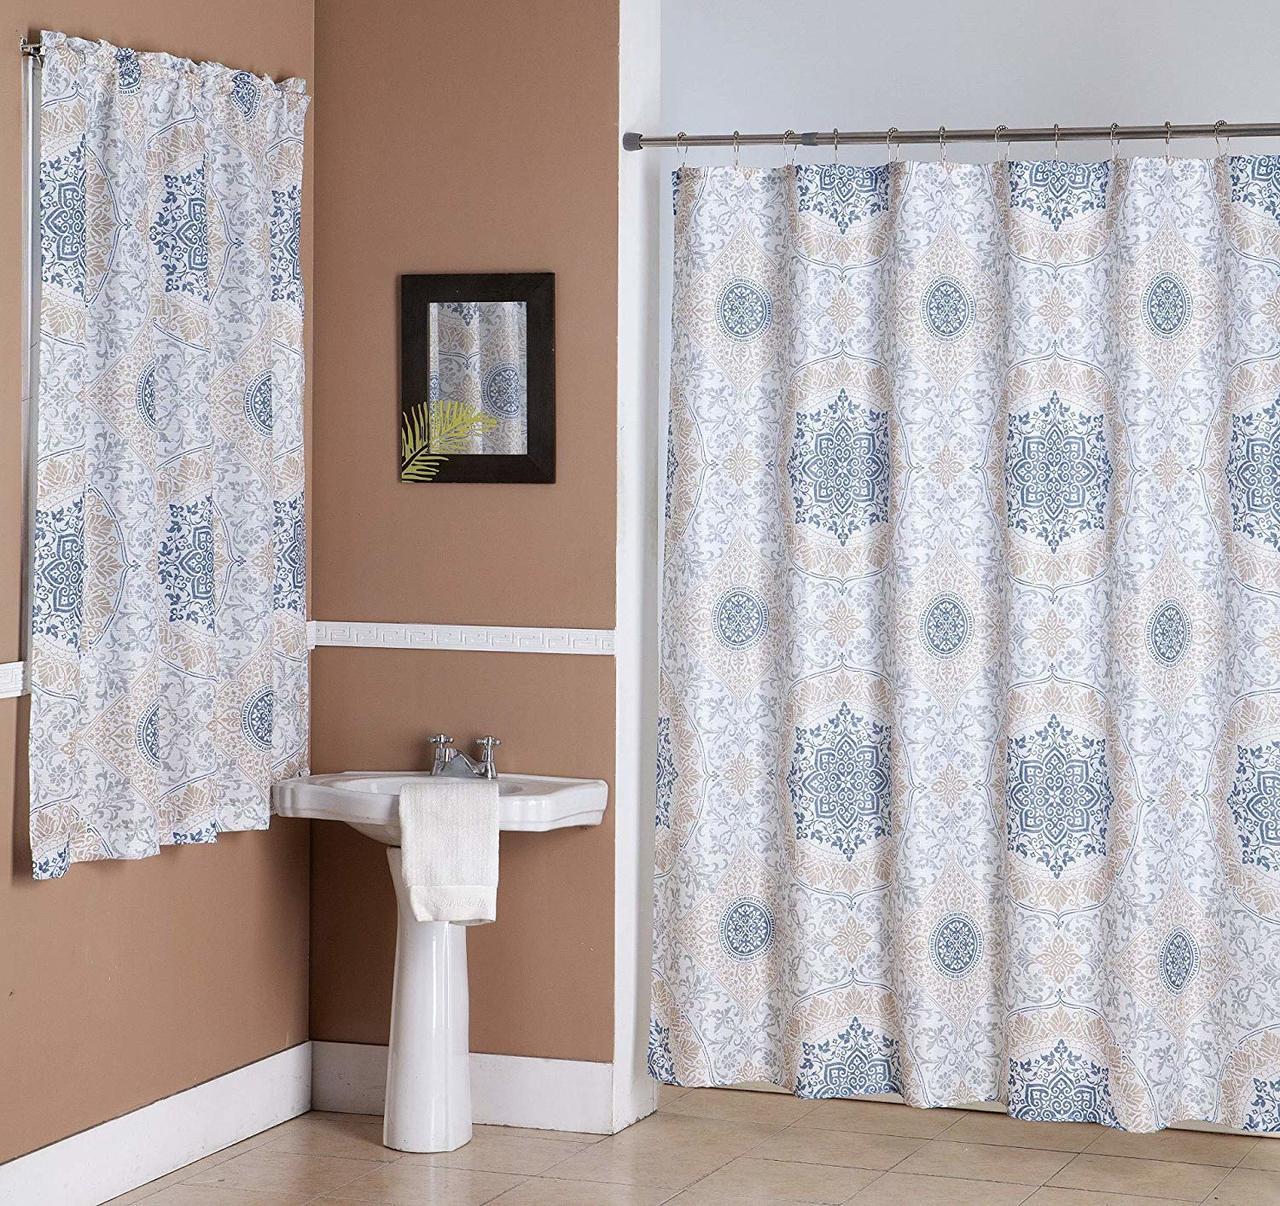 Badzubehor Textilien Burgundy 70x70 Duschvorhange Ariel